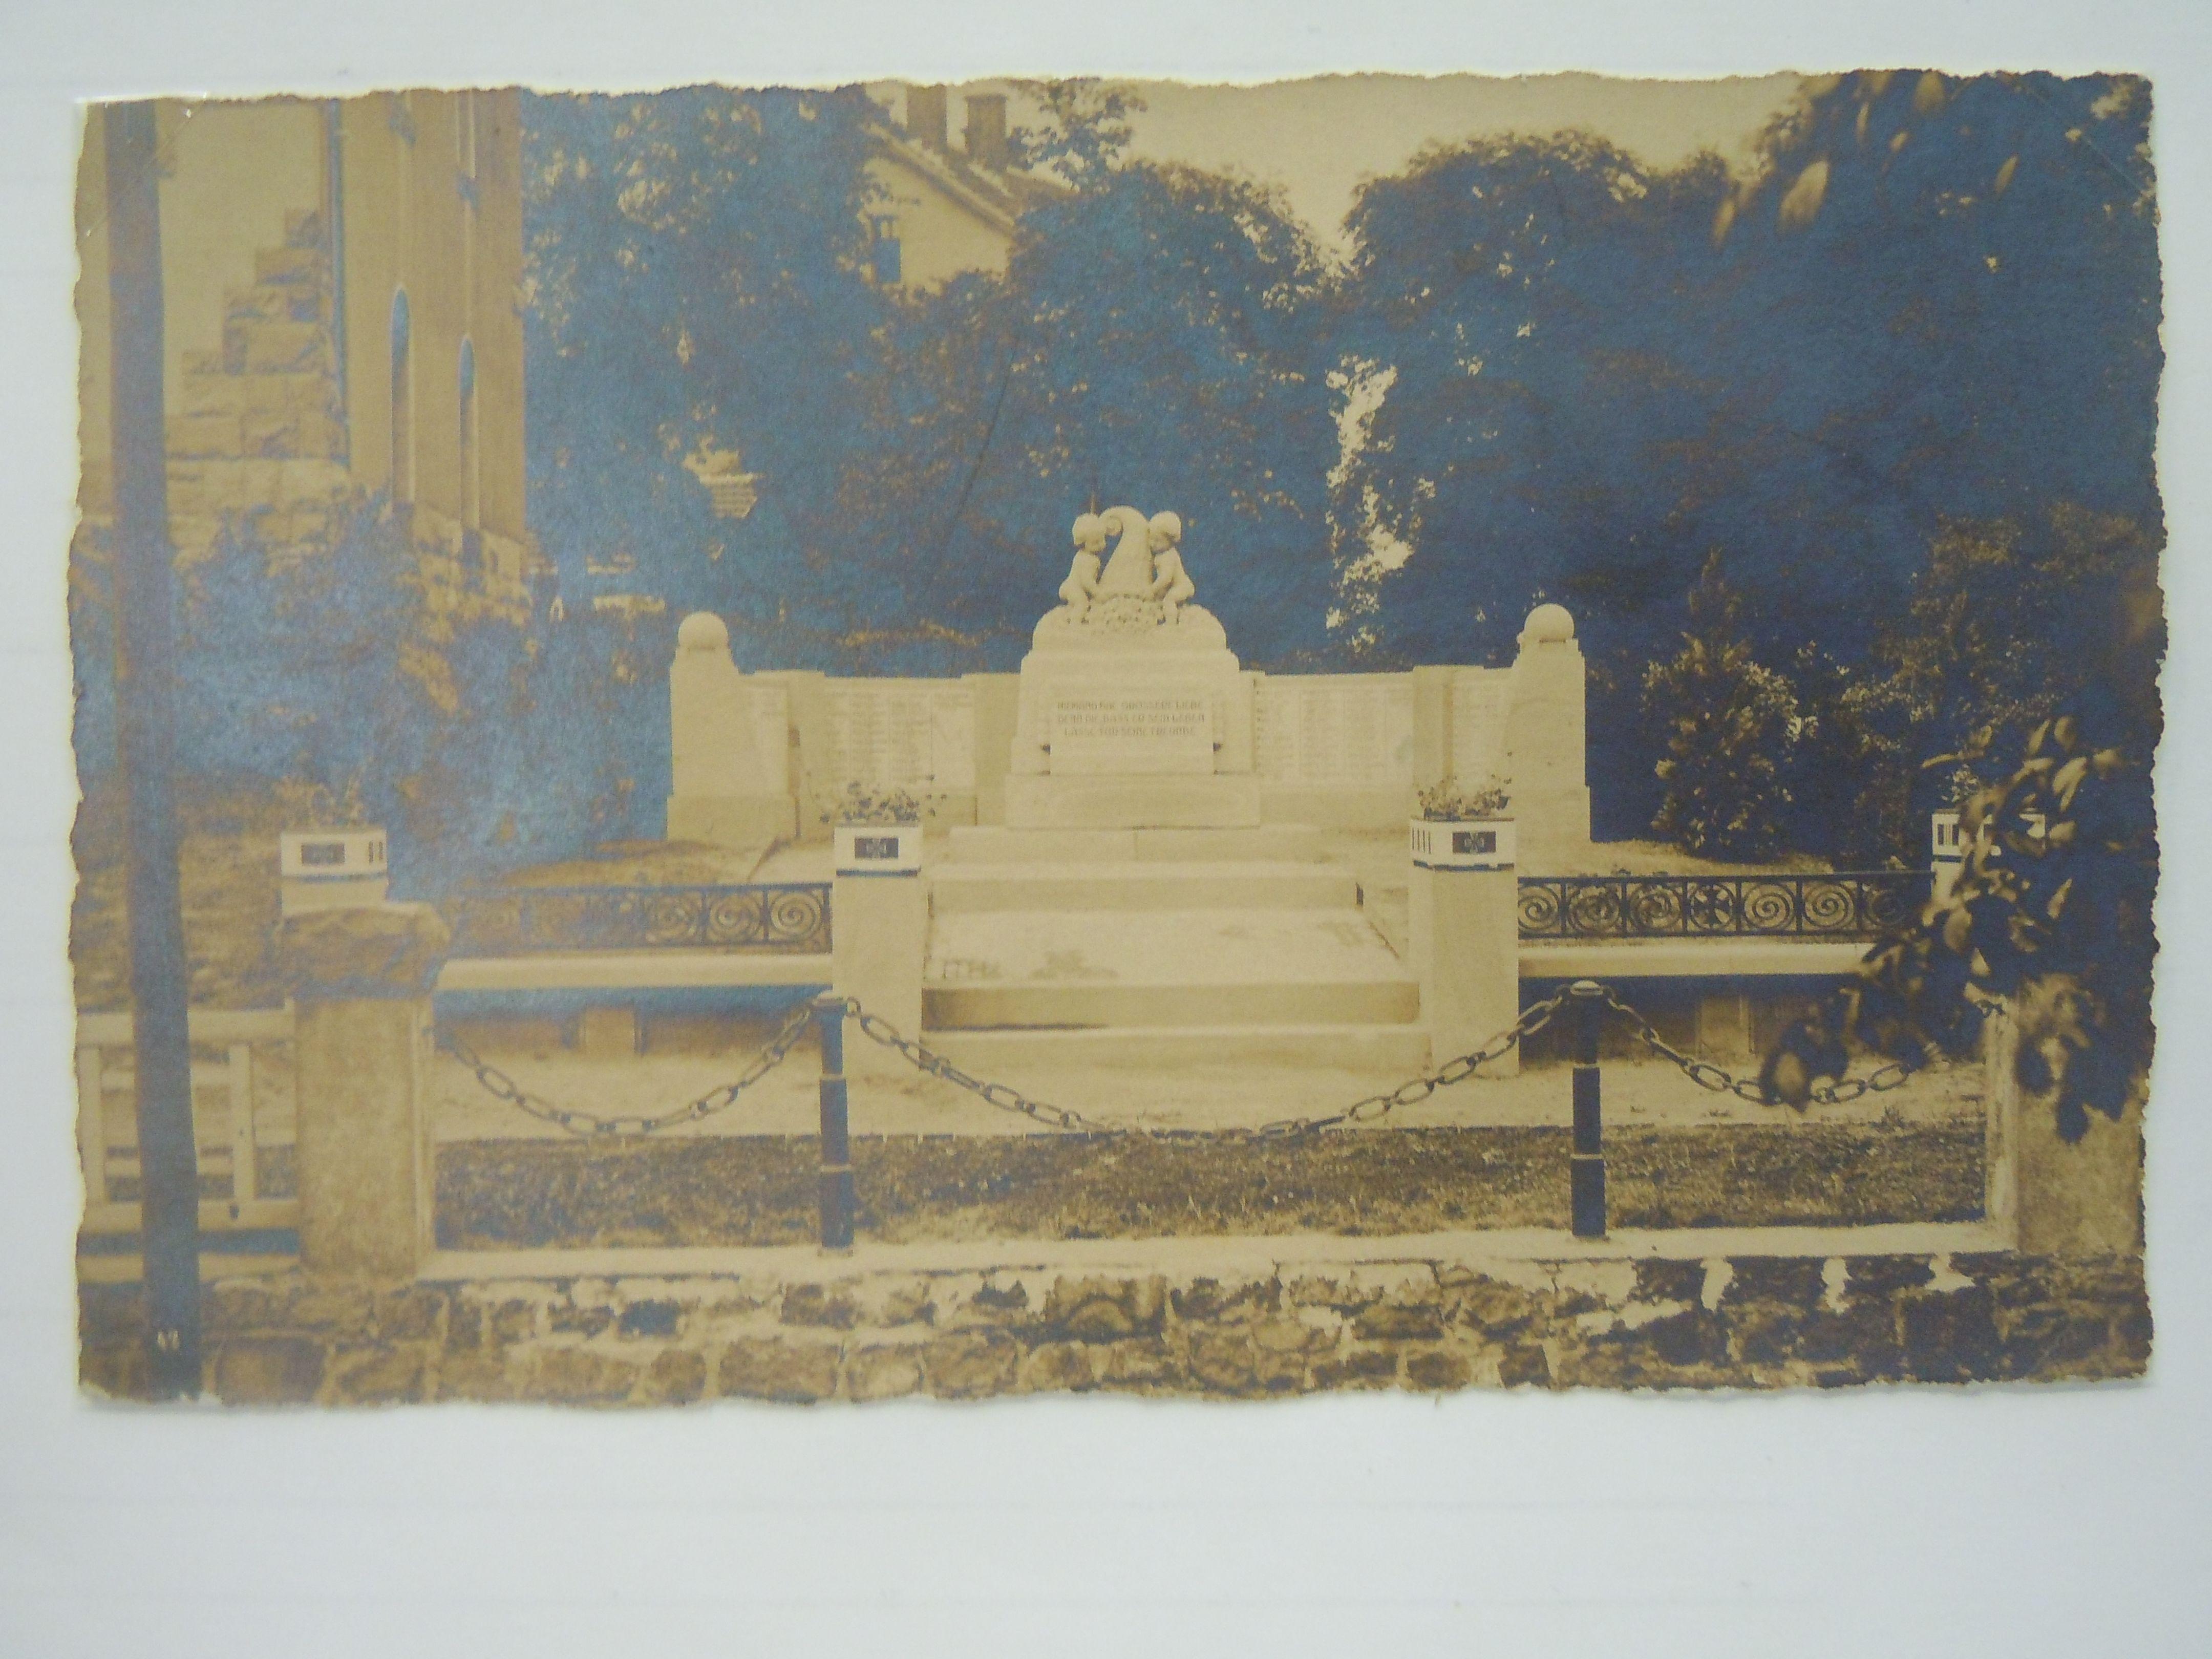 Denkmal im Jahr 1922